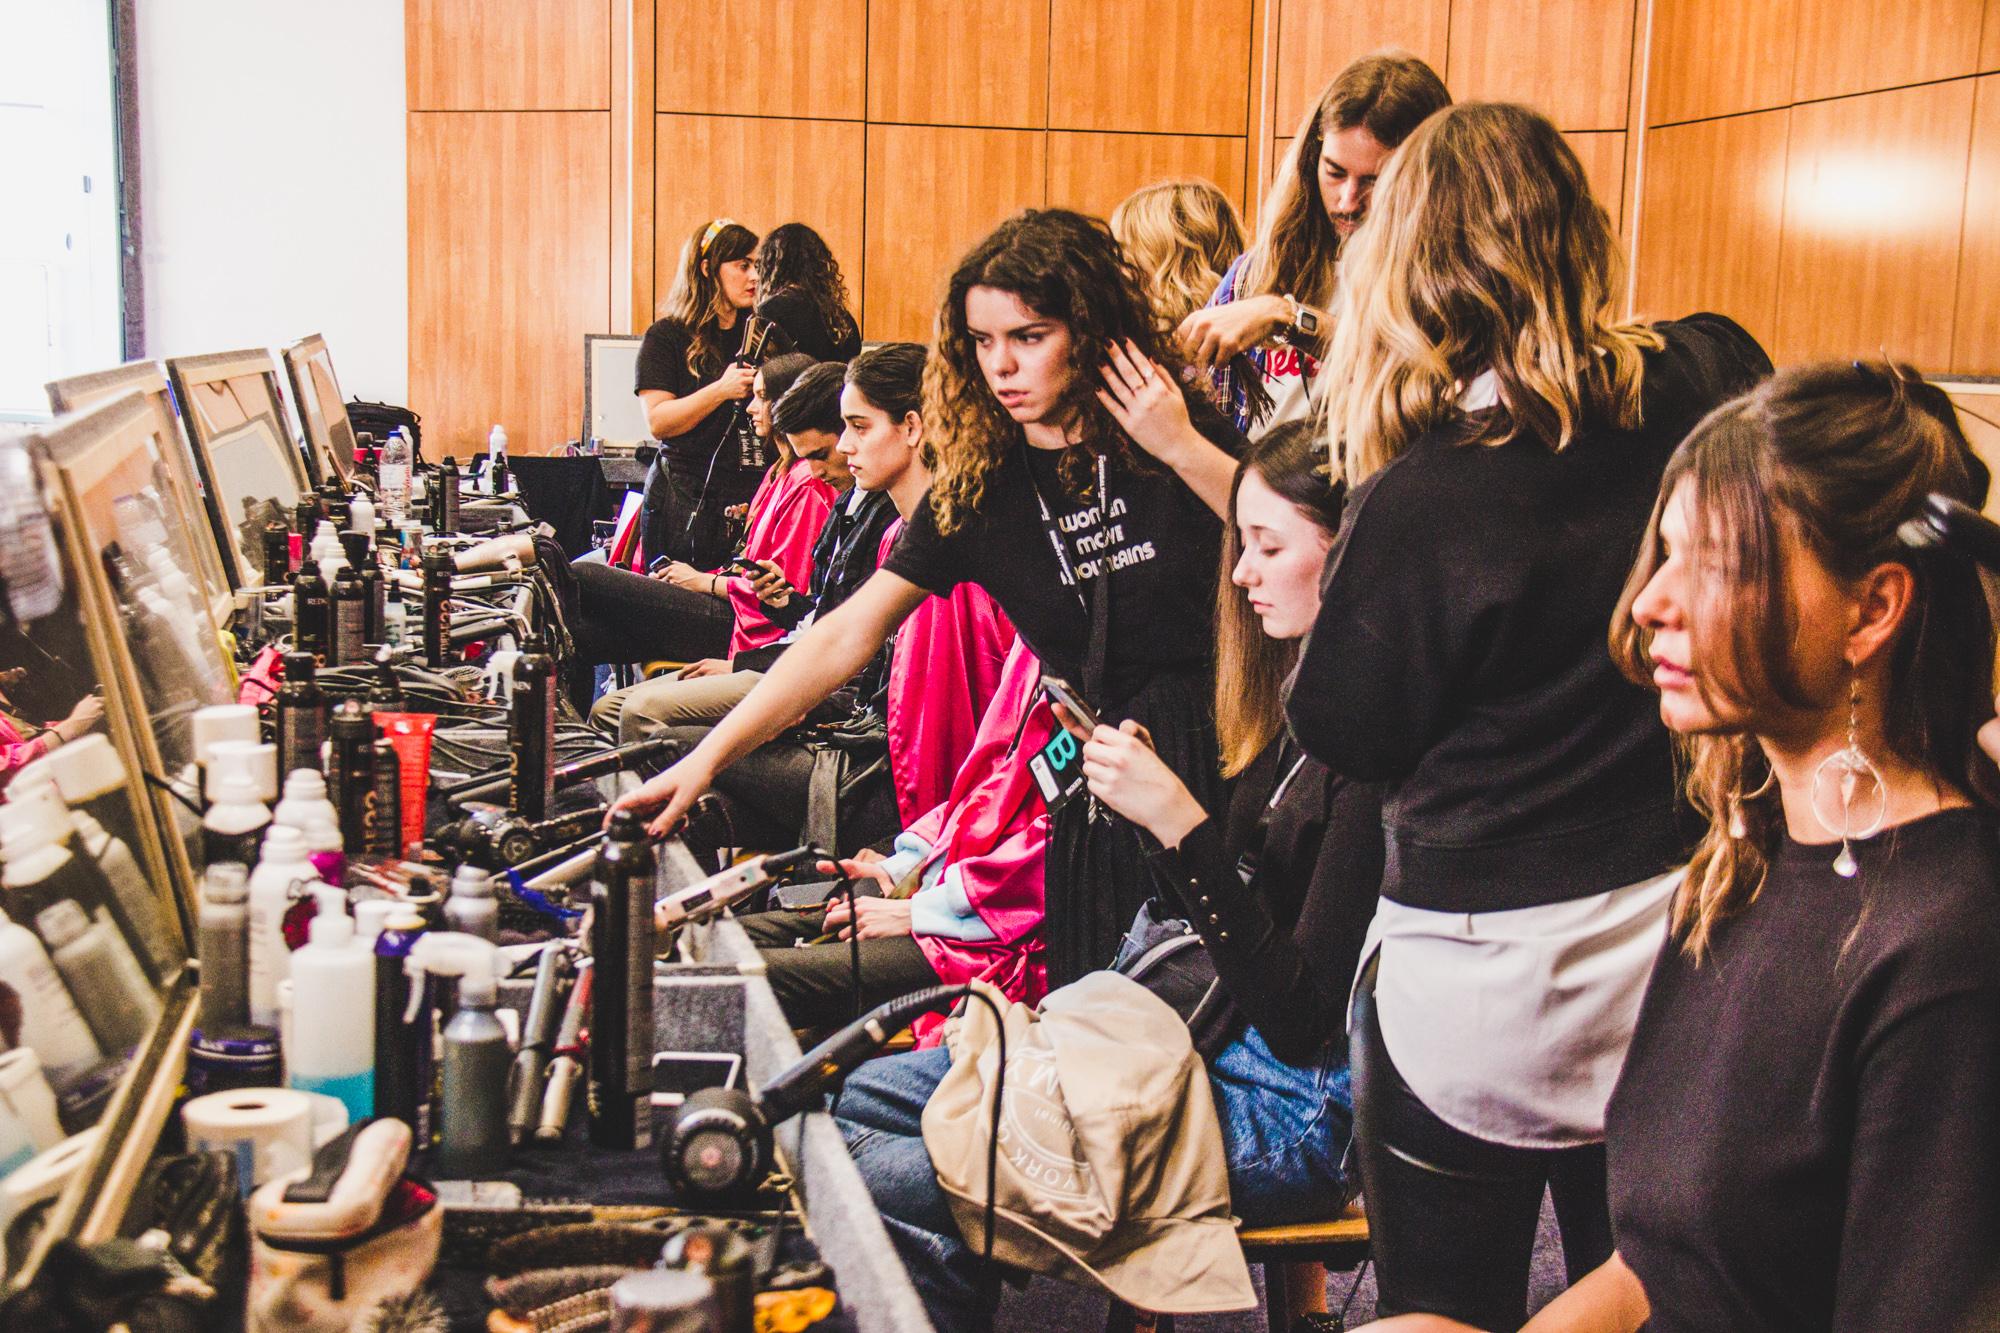 A moda também pode ser sustentável e concurso tem em vista a mudança de comportamentos.